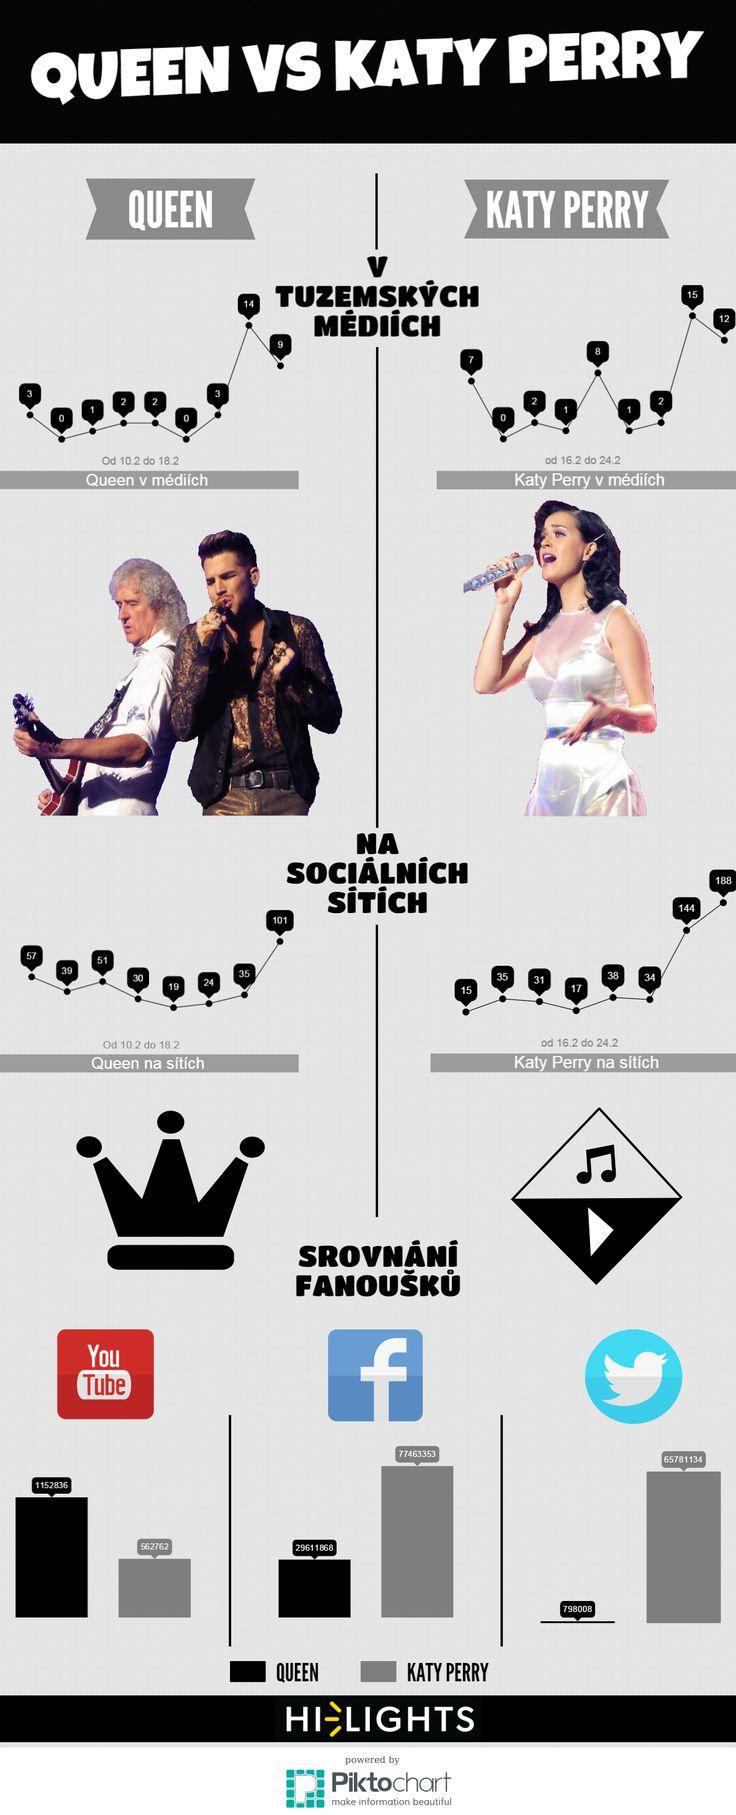 Infografika srovnávající zájem o koncerty Queen a Katy Perry v pražské O2 aréně